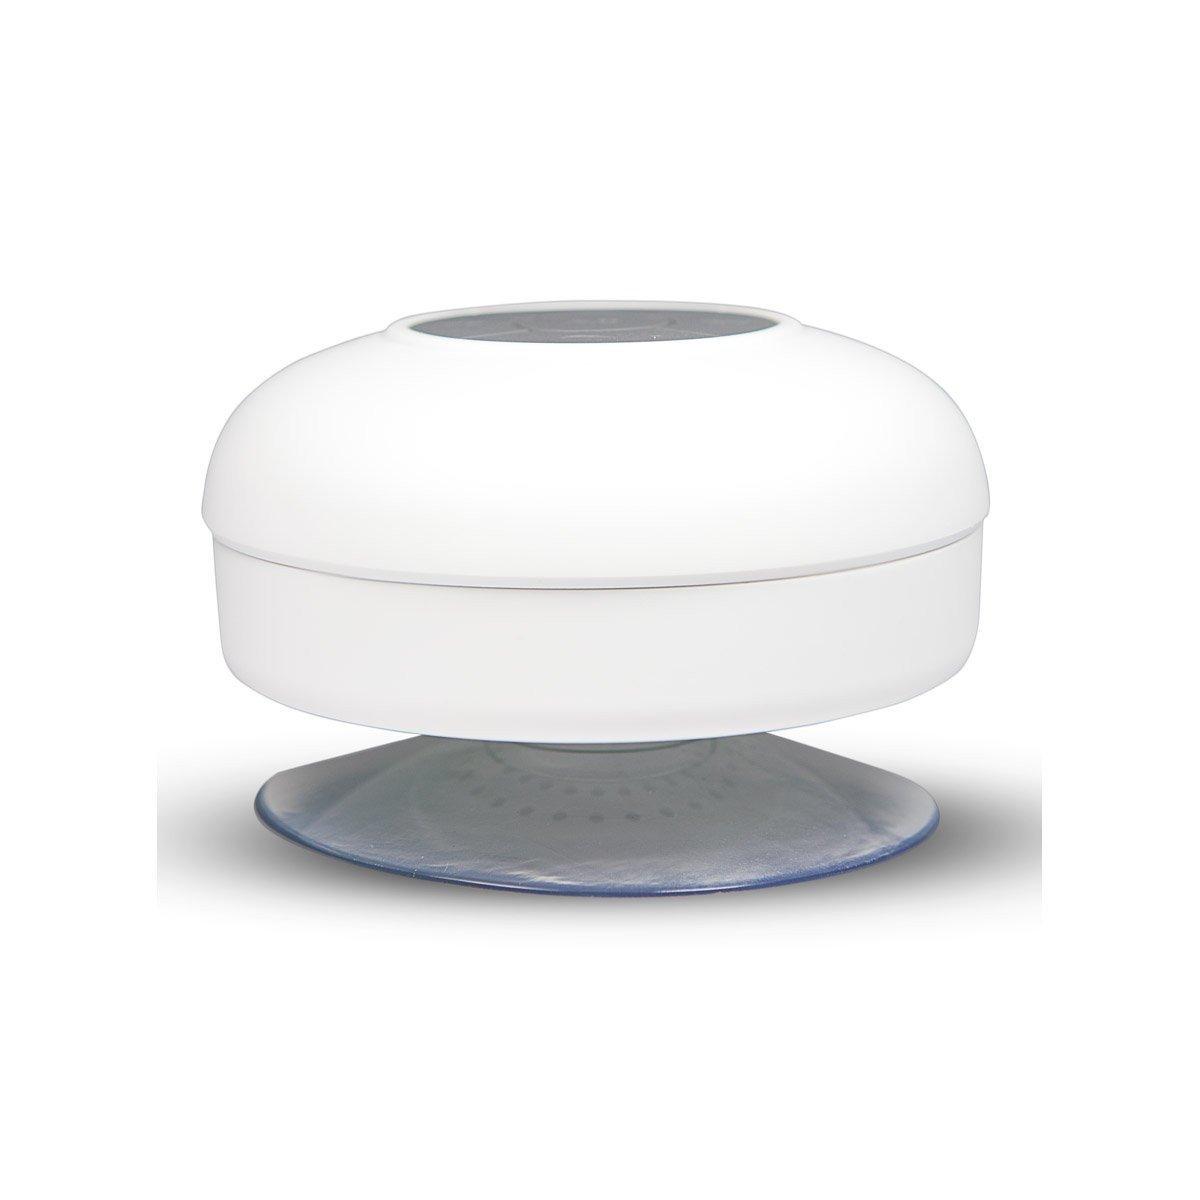 Waterdichte bluetooth badkamer speaker wit | MobileSupplies.nl